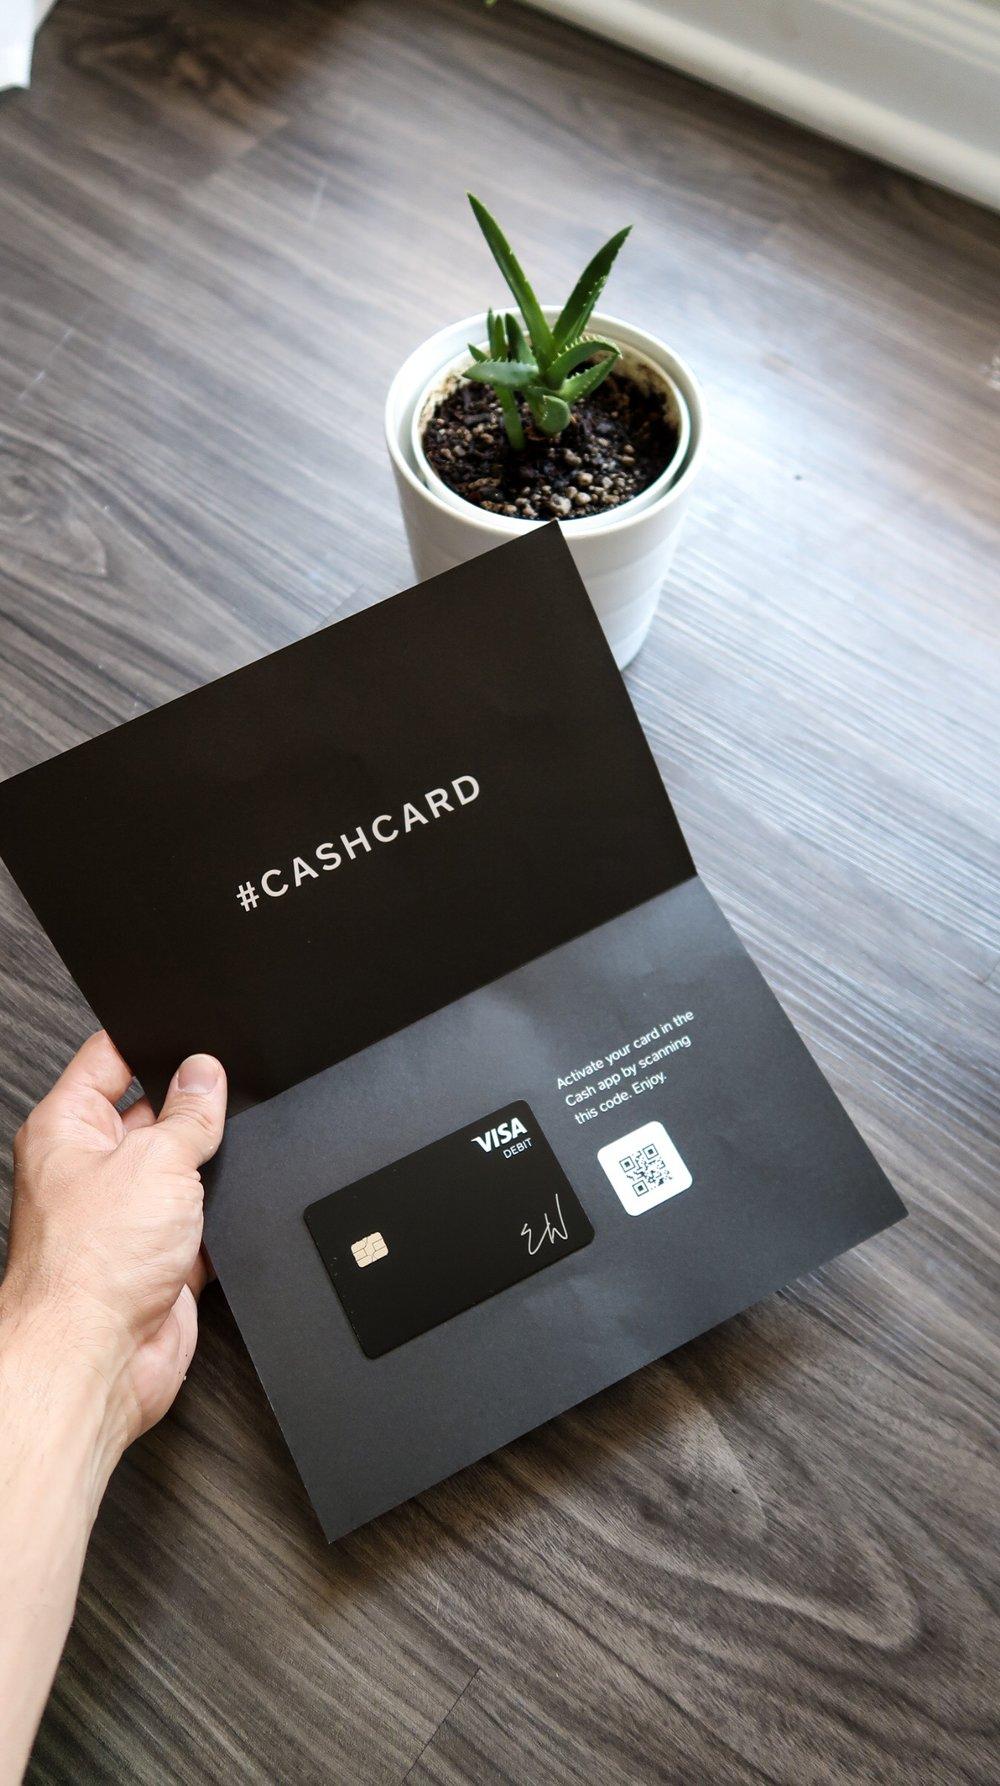 Cash Card.jpeg